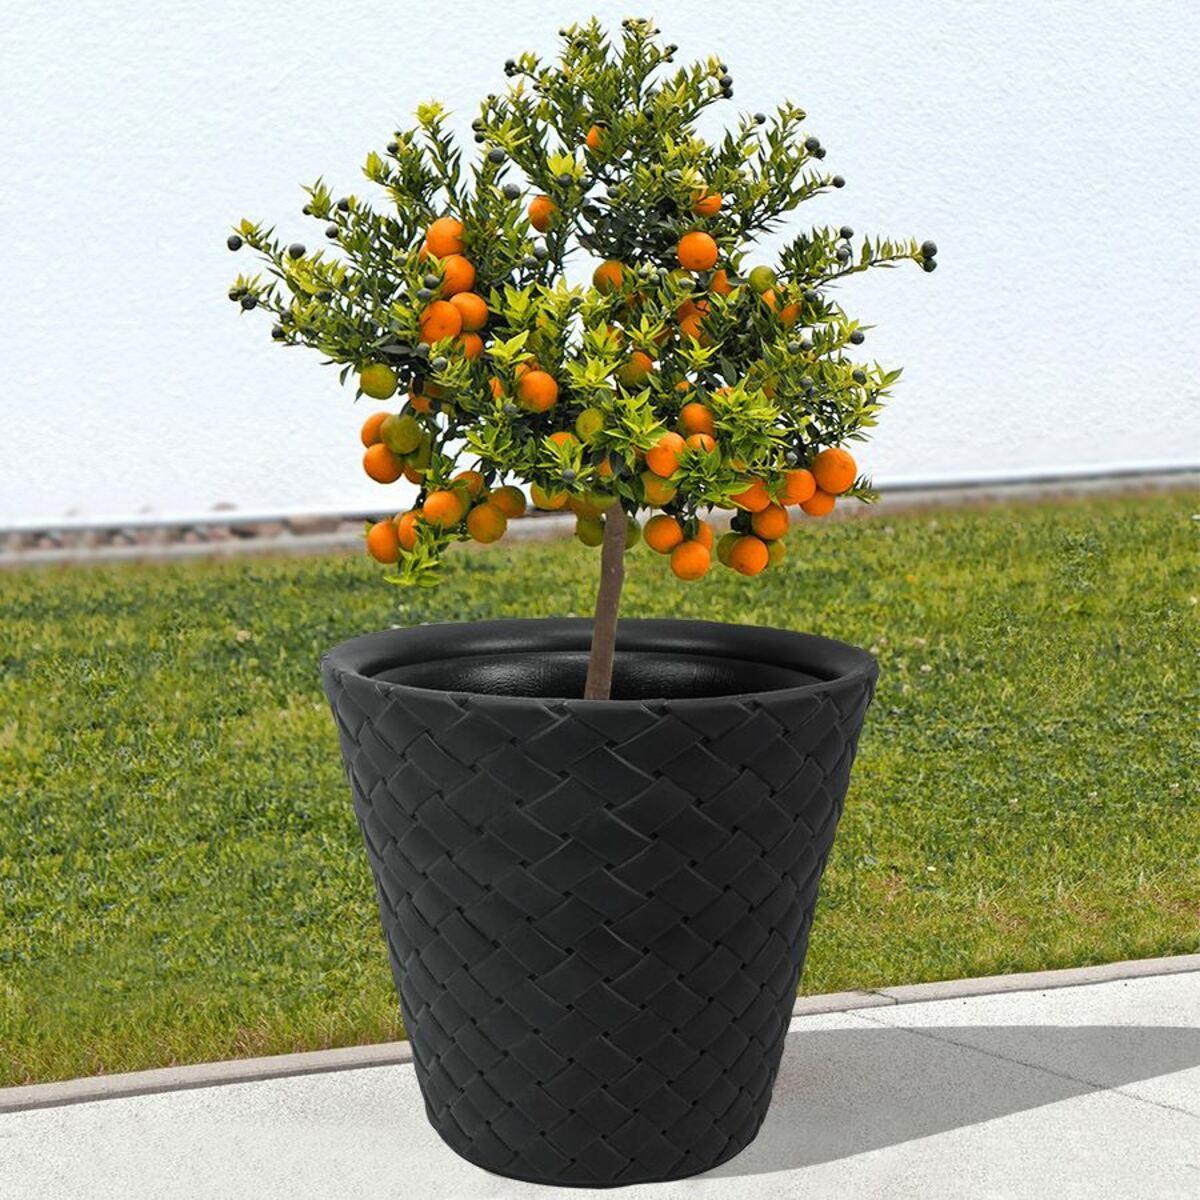 Bild 1 von Blumentopf Matuba 48x45,5cm Anthrazit